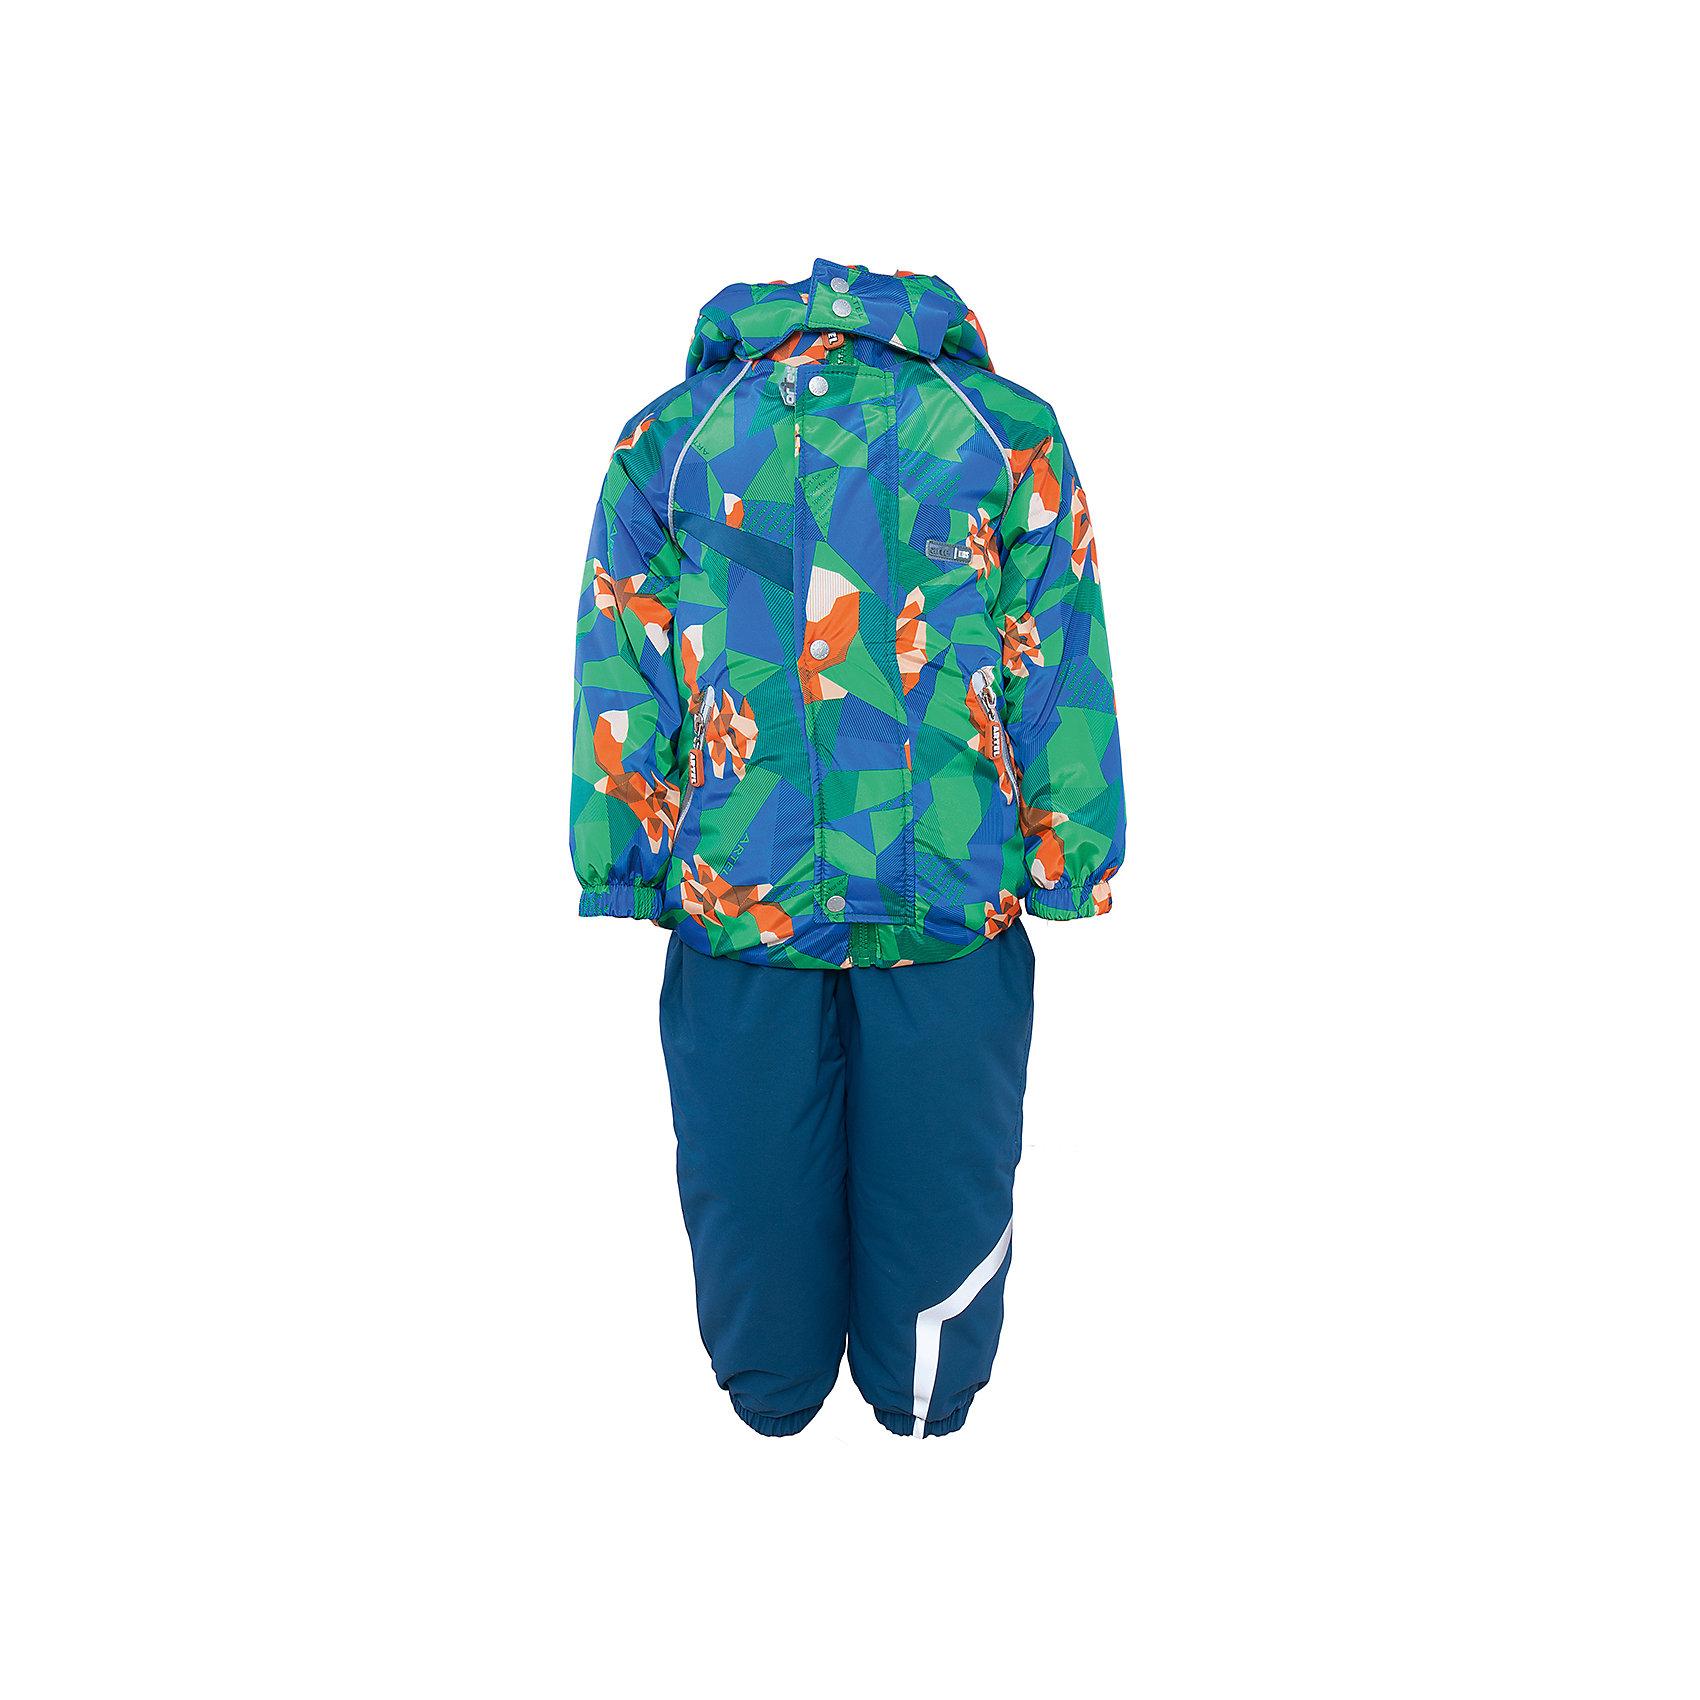 Комплект: куртка и полукомбинезон для мальчика АртельВерхняя одежда<br>Комплект: куртка и полукомбинезон для мальчика от известного бренда Артель<br>Комплект на современном утеплителеиз мембранной ткани, позволит малышу долго гулять даже в самую слякотную погоду, кататься с мокрых горок и не промокнуть. Куртка выполнена из ткани с оригинальным геометрическим принтом. Центральный замок на молнию прикрыт ветрозащитной планкой. У полукомбинезона регулируется длина бретелек. По низу штанишек расположены штрипки, которые фиксируются на сапожках, удерживают штанину от задирания и обеспечивают дополнительную защиту от скольжения. Сзади, по линии талии, для дополнительной фиксации, расположена резинка.<br>Состав:<br>Верх: KB-703 HiPora<br>Подкладка: интерлок<br>Утеплитель: TermoFinn 200<br>Полукомбинезон:<br>Верх: Dobby HiPora<br>Подкладка: флис, пэ<br>Утеплитель: TermoFinn 200<br><br>Ширина мм: 215<br>Глубина мм: 88<br>Высота мм: 191<br>Вес г: 336<br>Цвет: синий<br>Возраст от месяцев: 48<br>Возраст до месяцев: 60<br>Пол: Мужской<br>Возраст: Детский<br>Размер: 110,104,98<br>SKU: 4963995